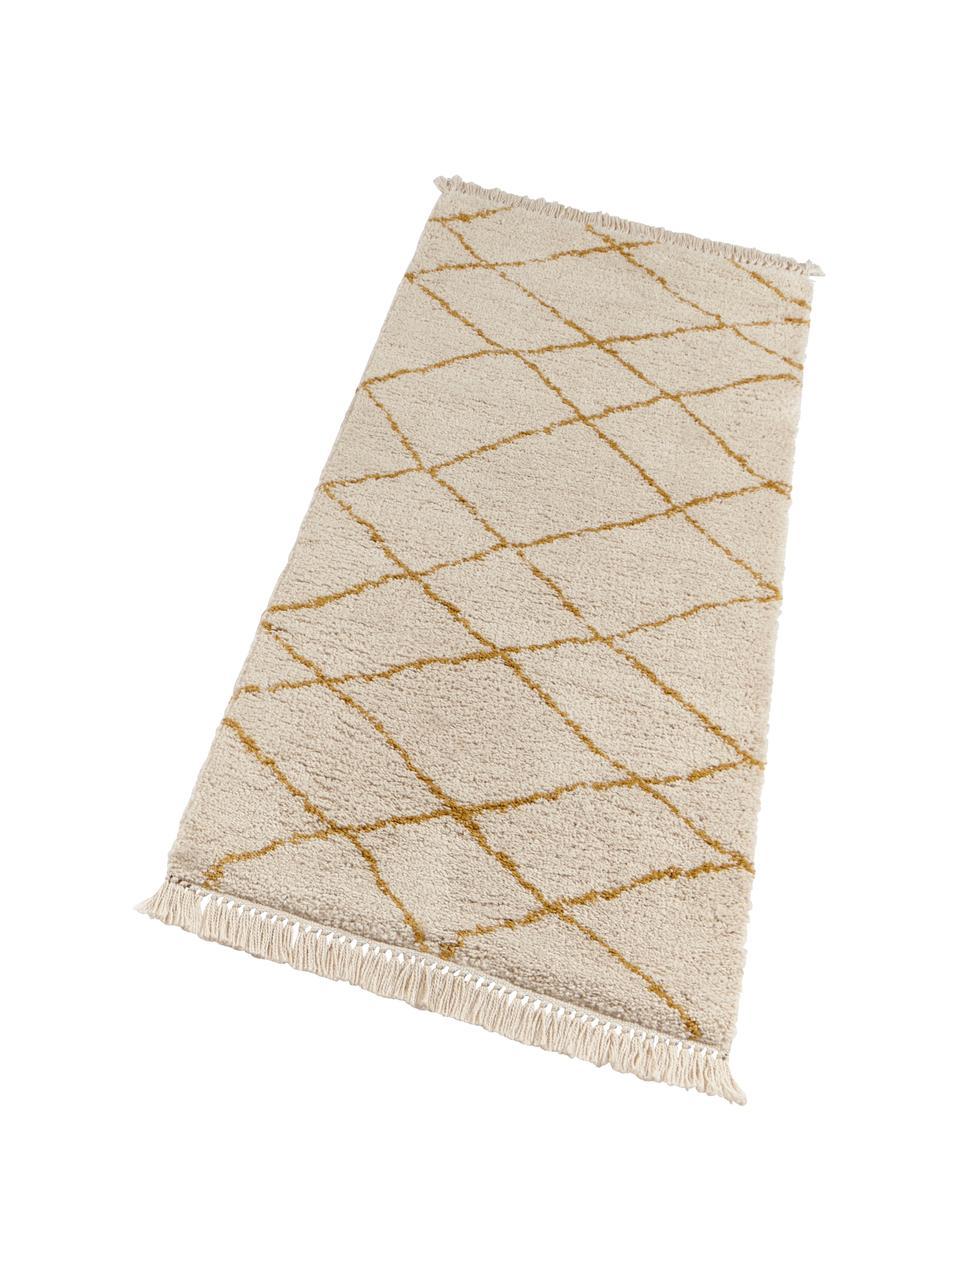 Zacht hoogpolig vloerkleed Primrose in in crèmekleur met ruitjesmotief, 100% polypropyleen, Crèmekleurig, goudgeel, B 160 x L 230 cm (maat M)